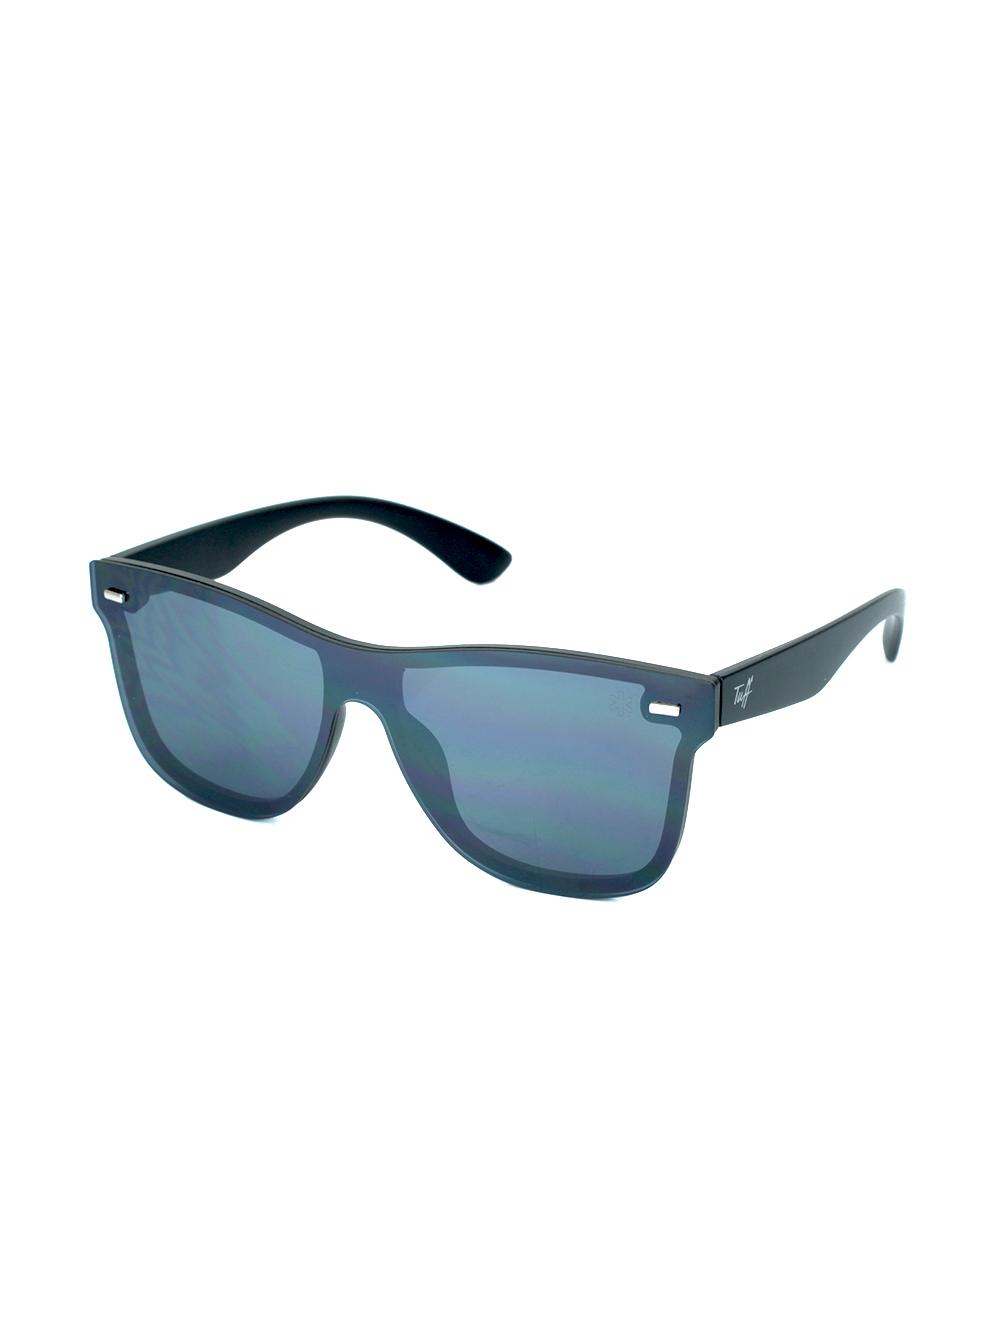 Sunglasses Quadrado Espelhado Preto